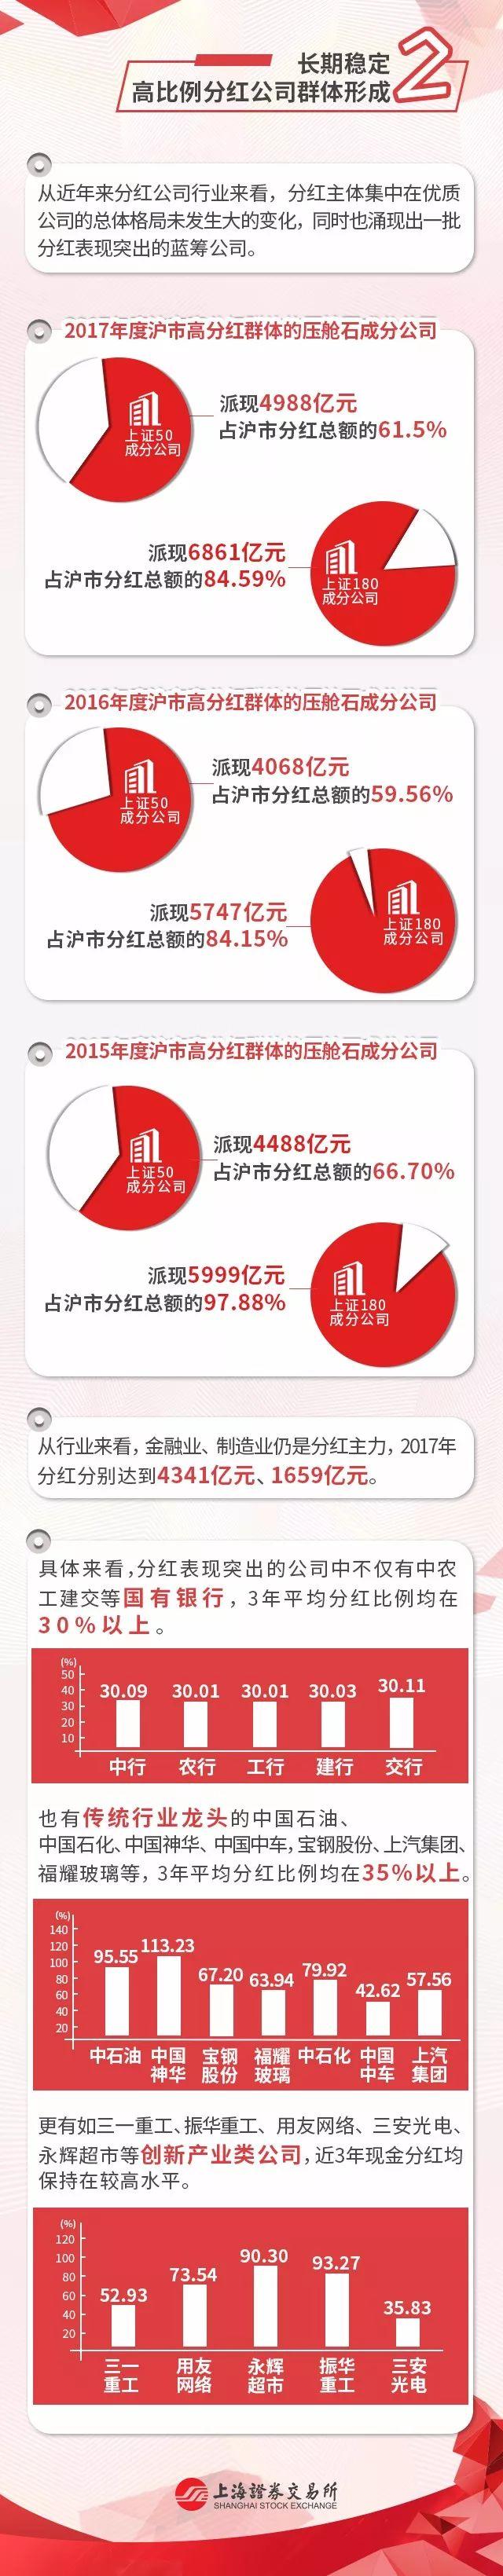 上交所:长期稳定高分红公司群体形成 金